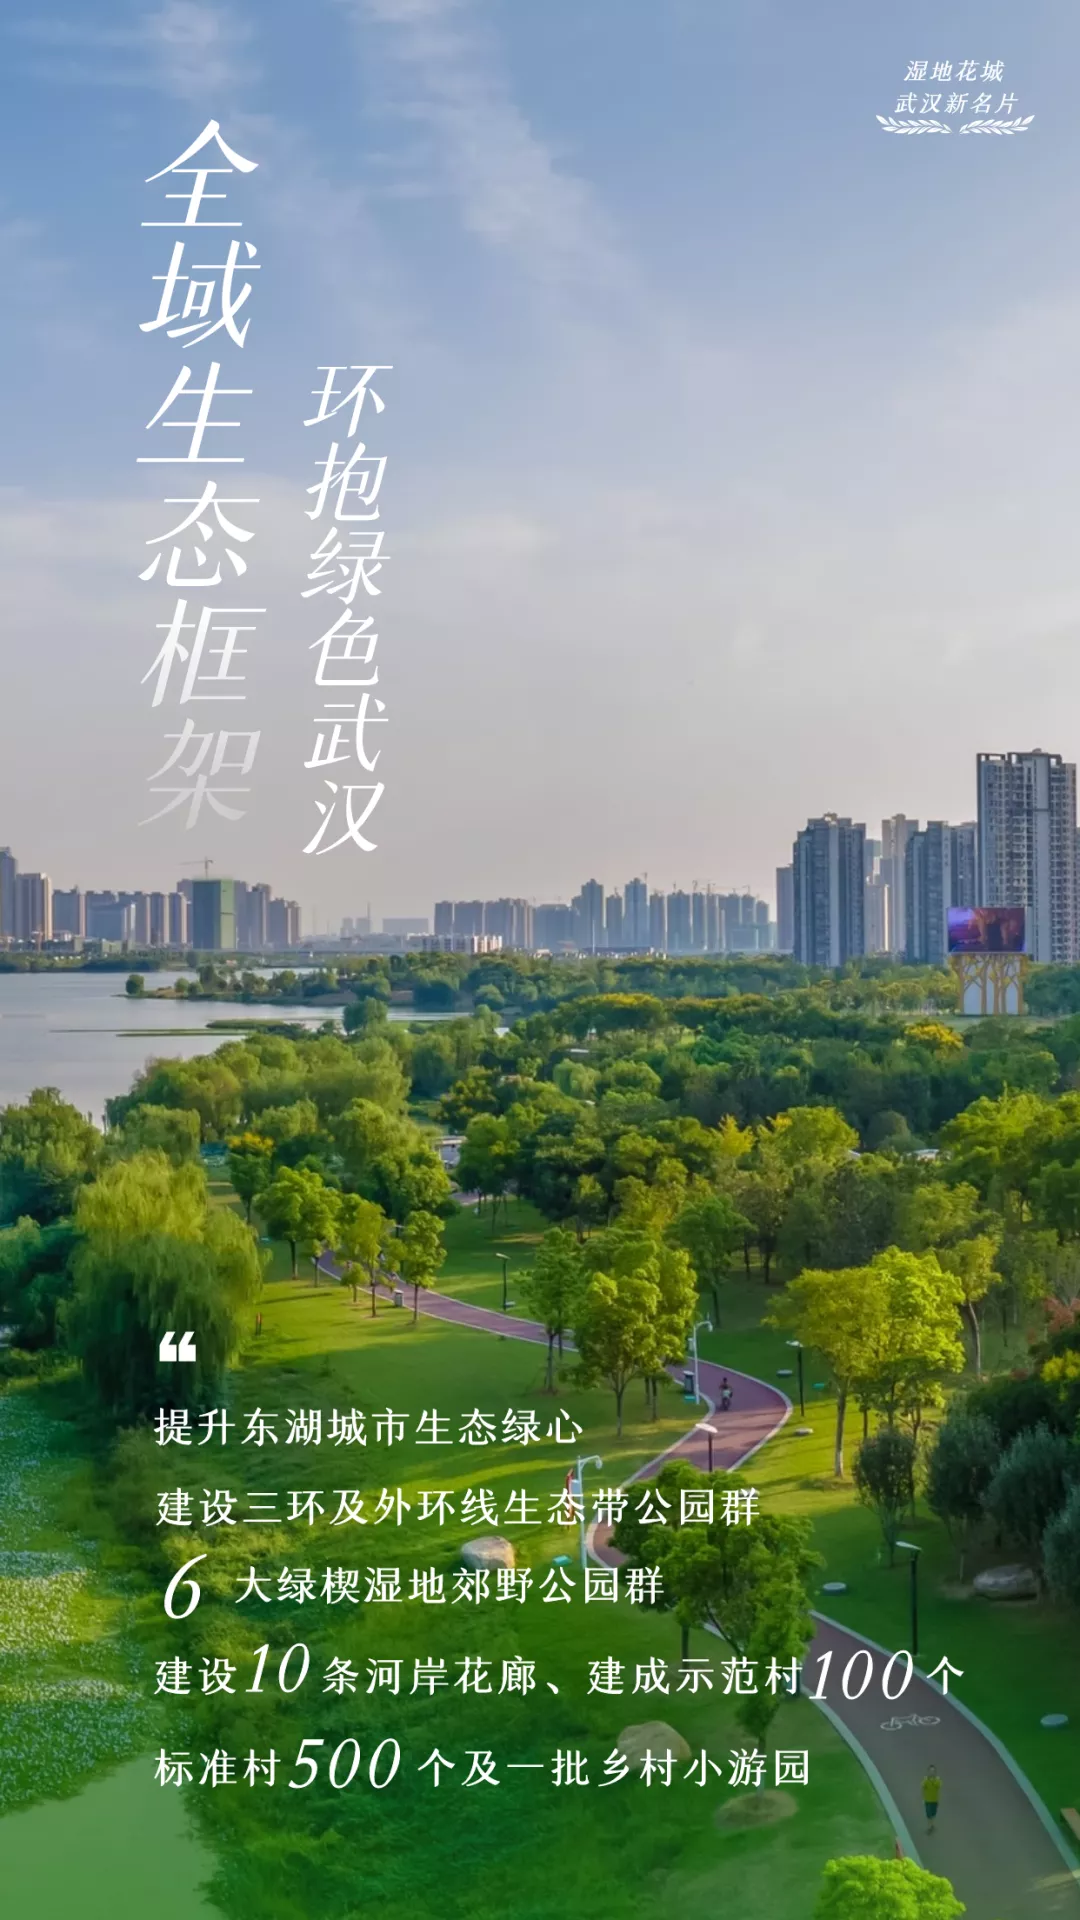 湿地花城将成为武汉新名片 让武汉市民轻松乐享花漾生活插图(1)